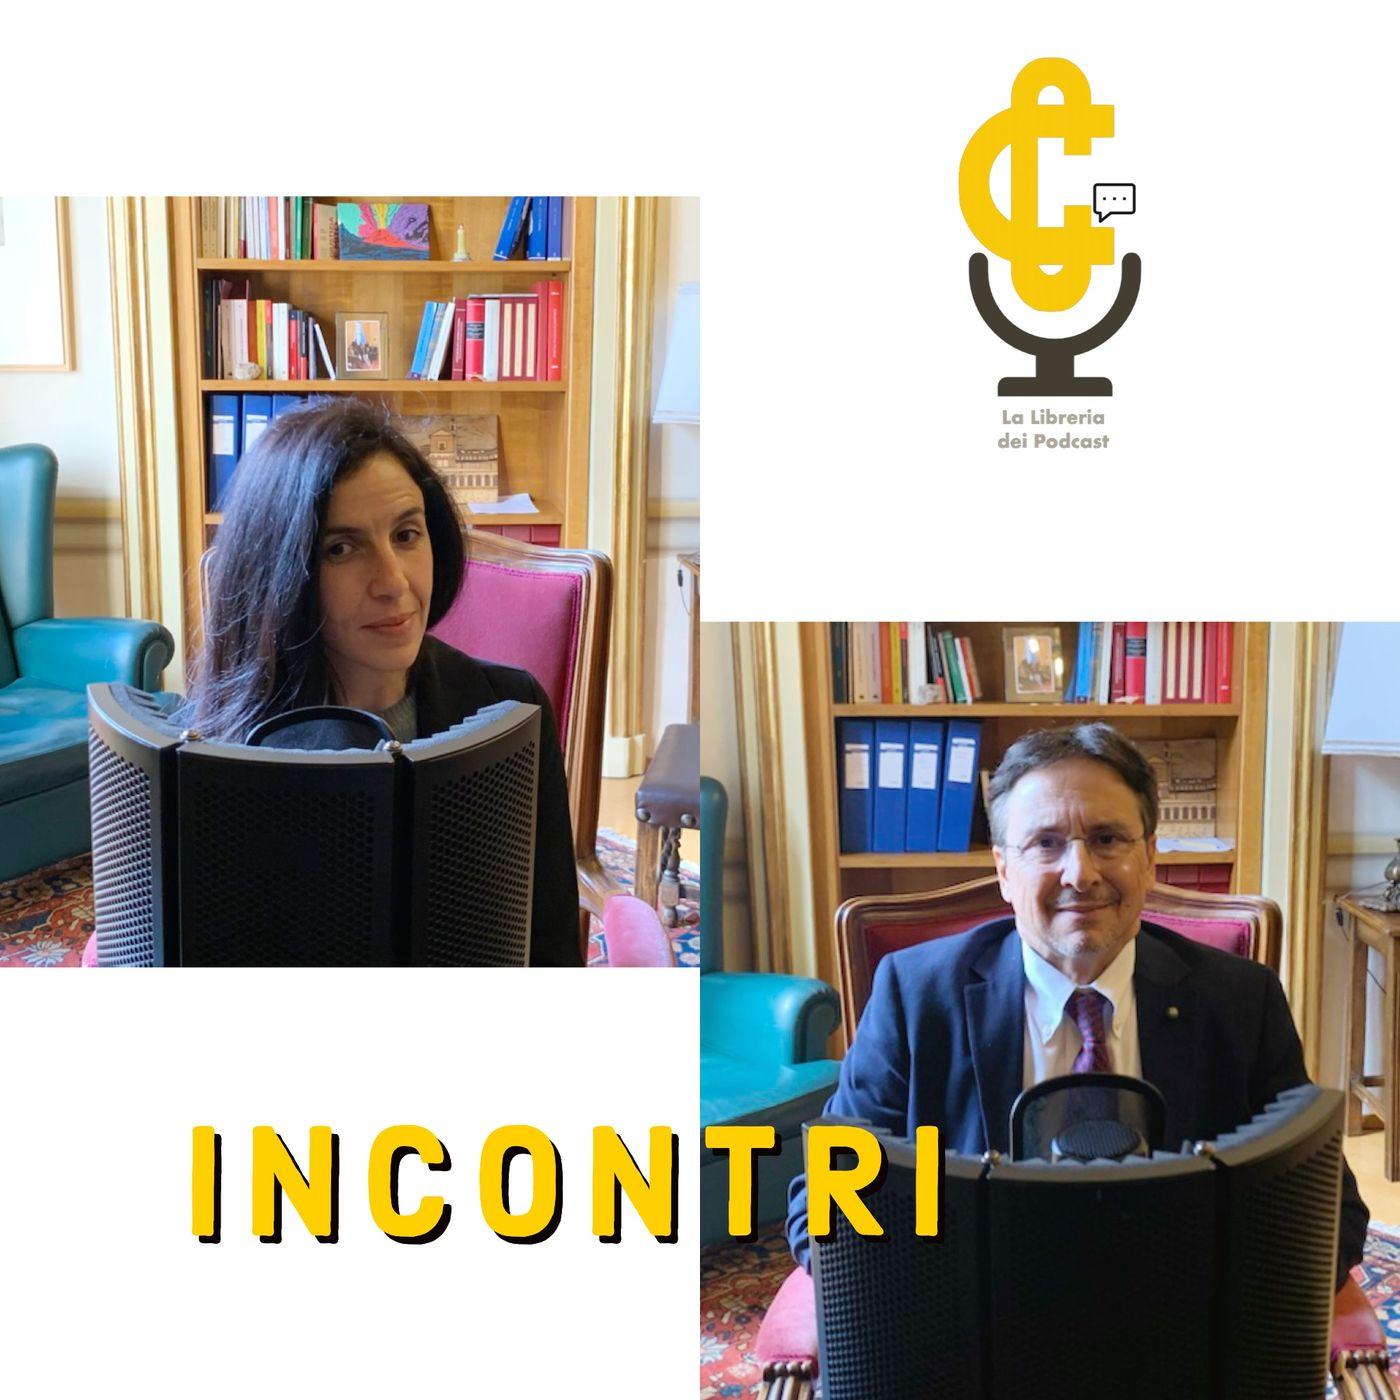 Francesca Mannocchi e Luca Antonini - La responsabilità collettiva della salute